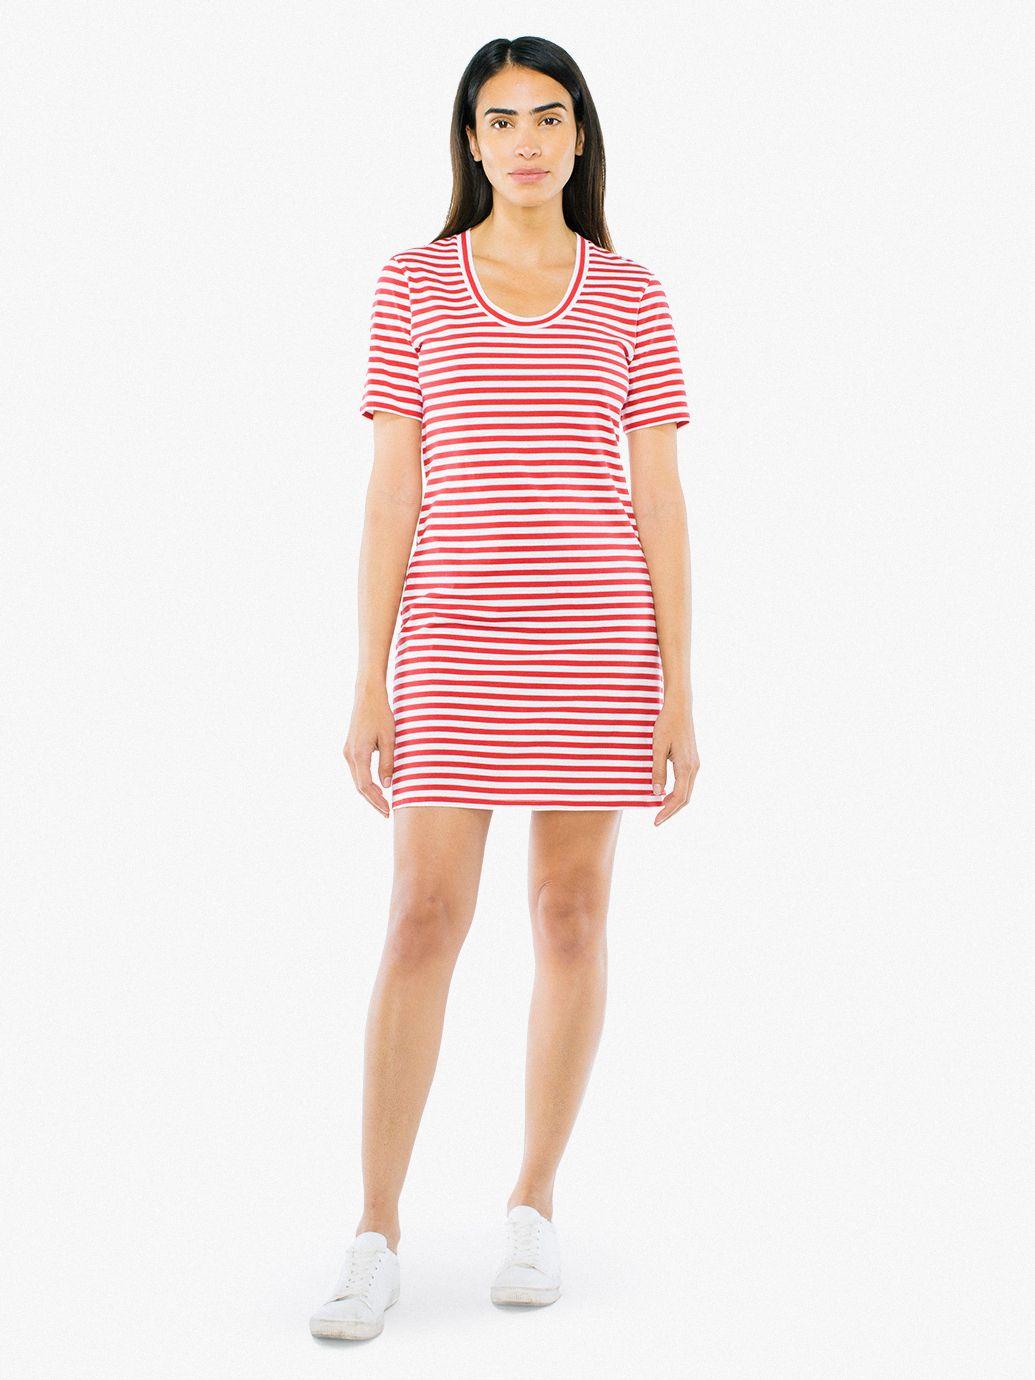 American apparel scoop neck maxi dress